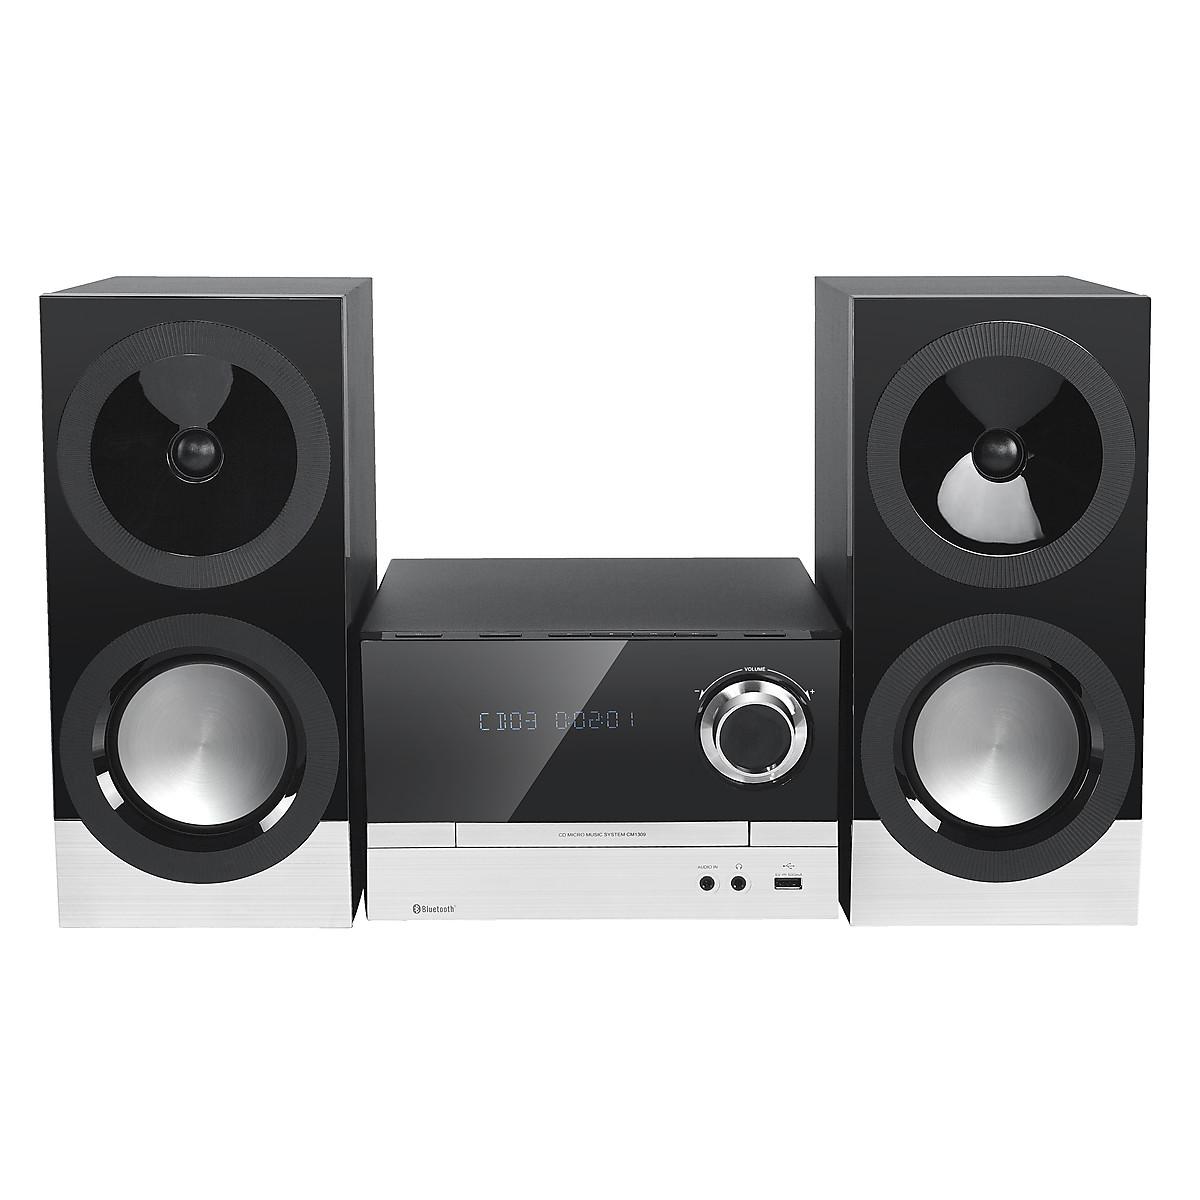 Musikanläggning med Bluetooth och DAB Exibel BDX610